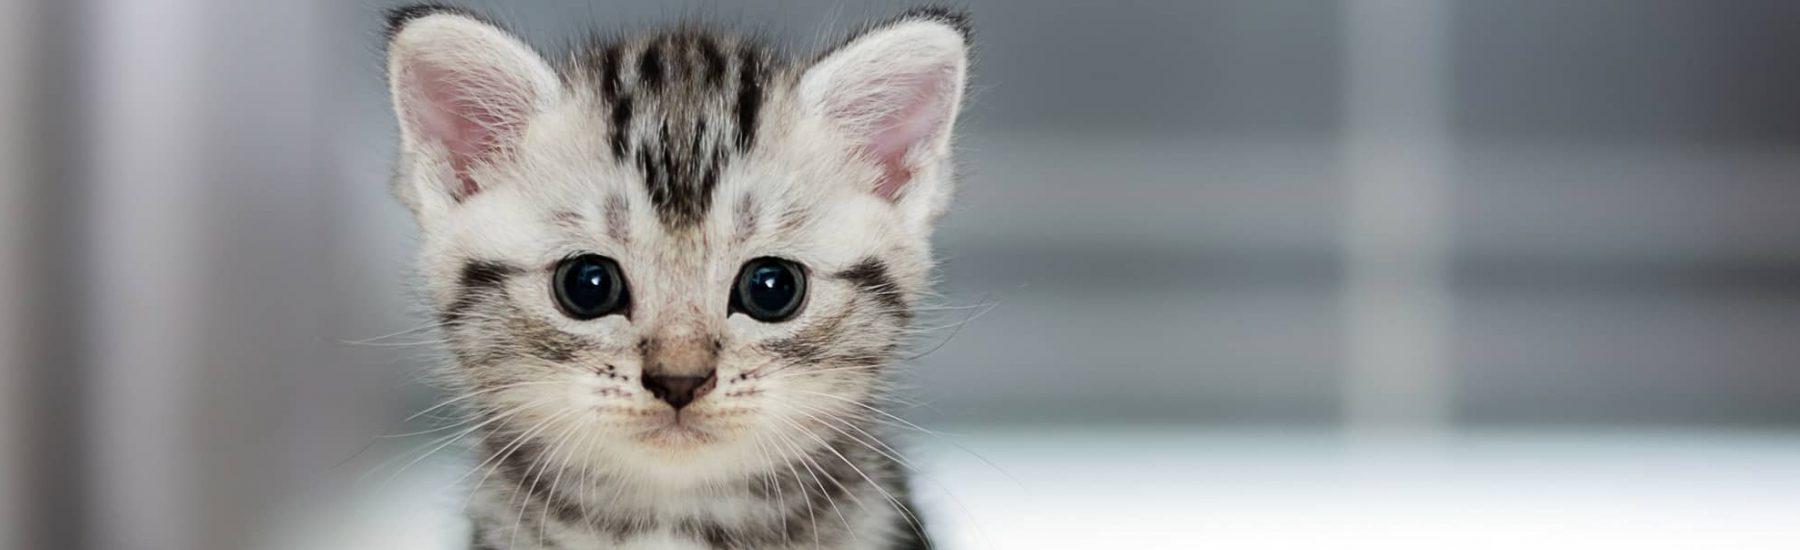 catservice-kitty